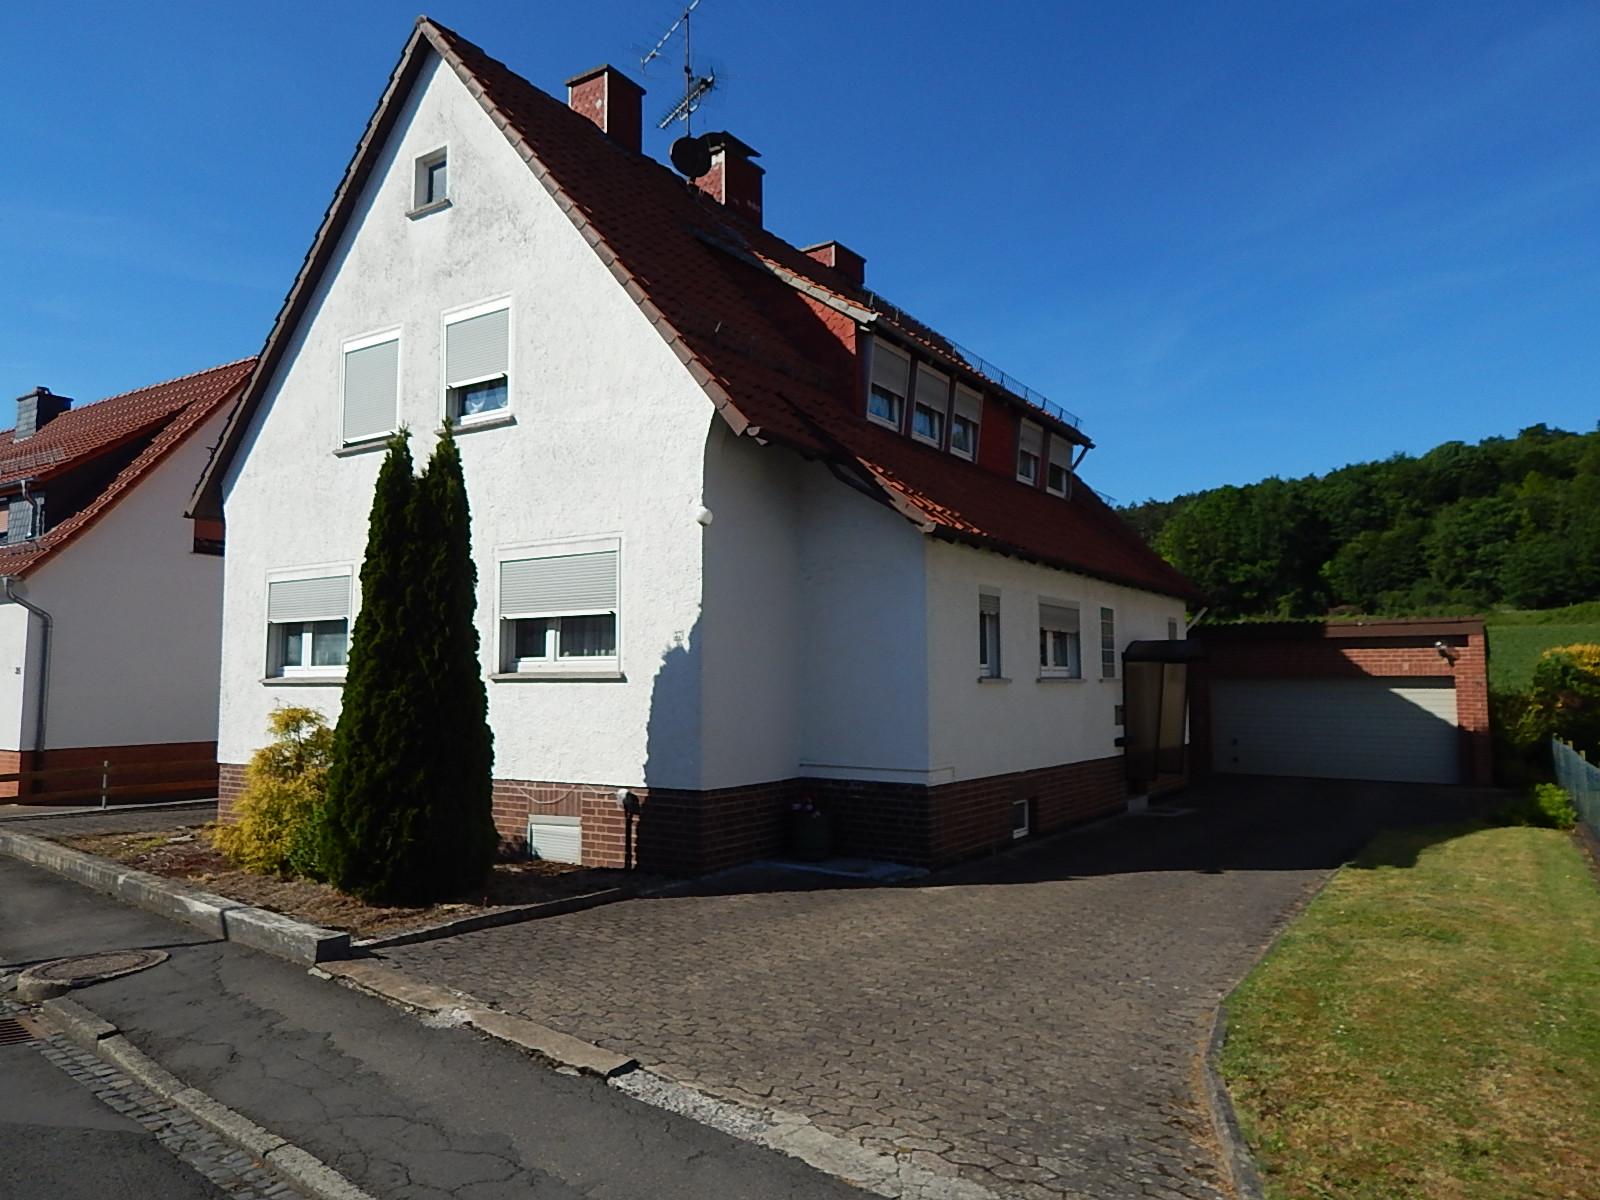 Ihr neues Zuhause in Adelebsen/Lödingsen!